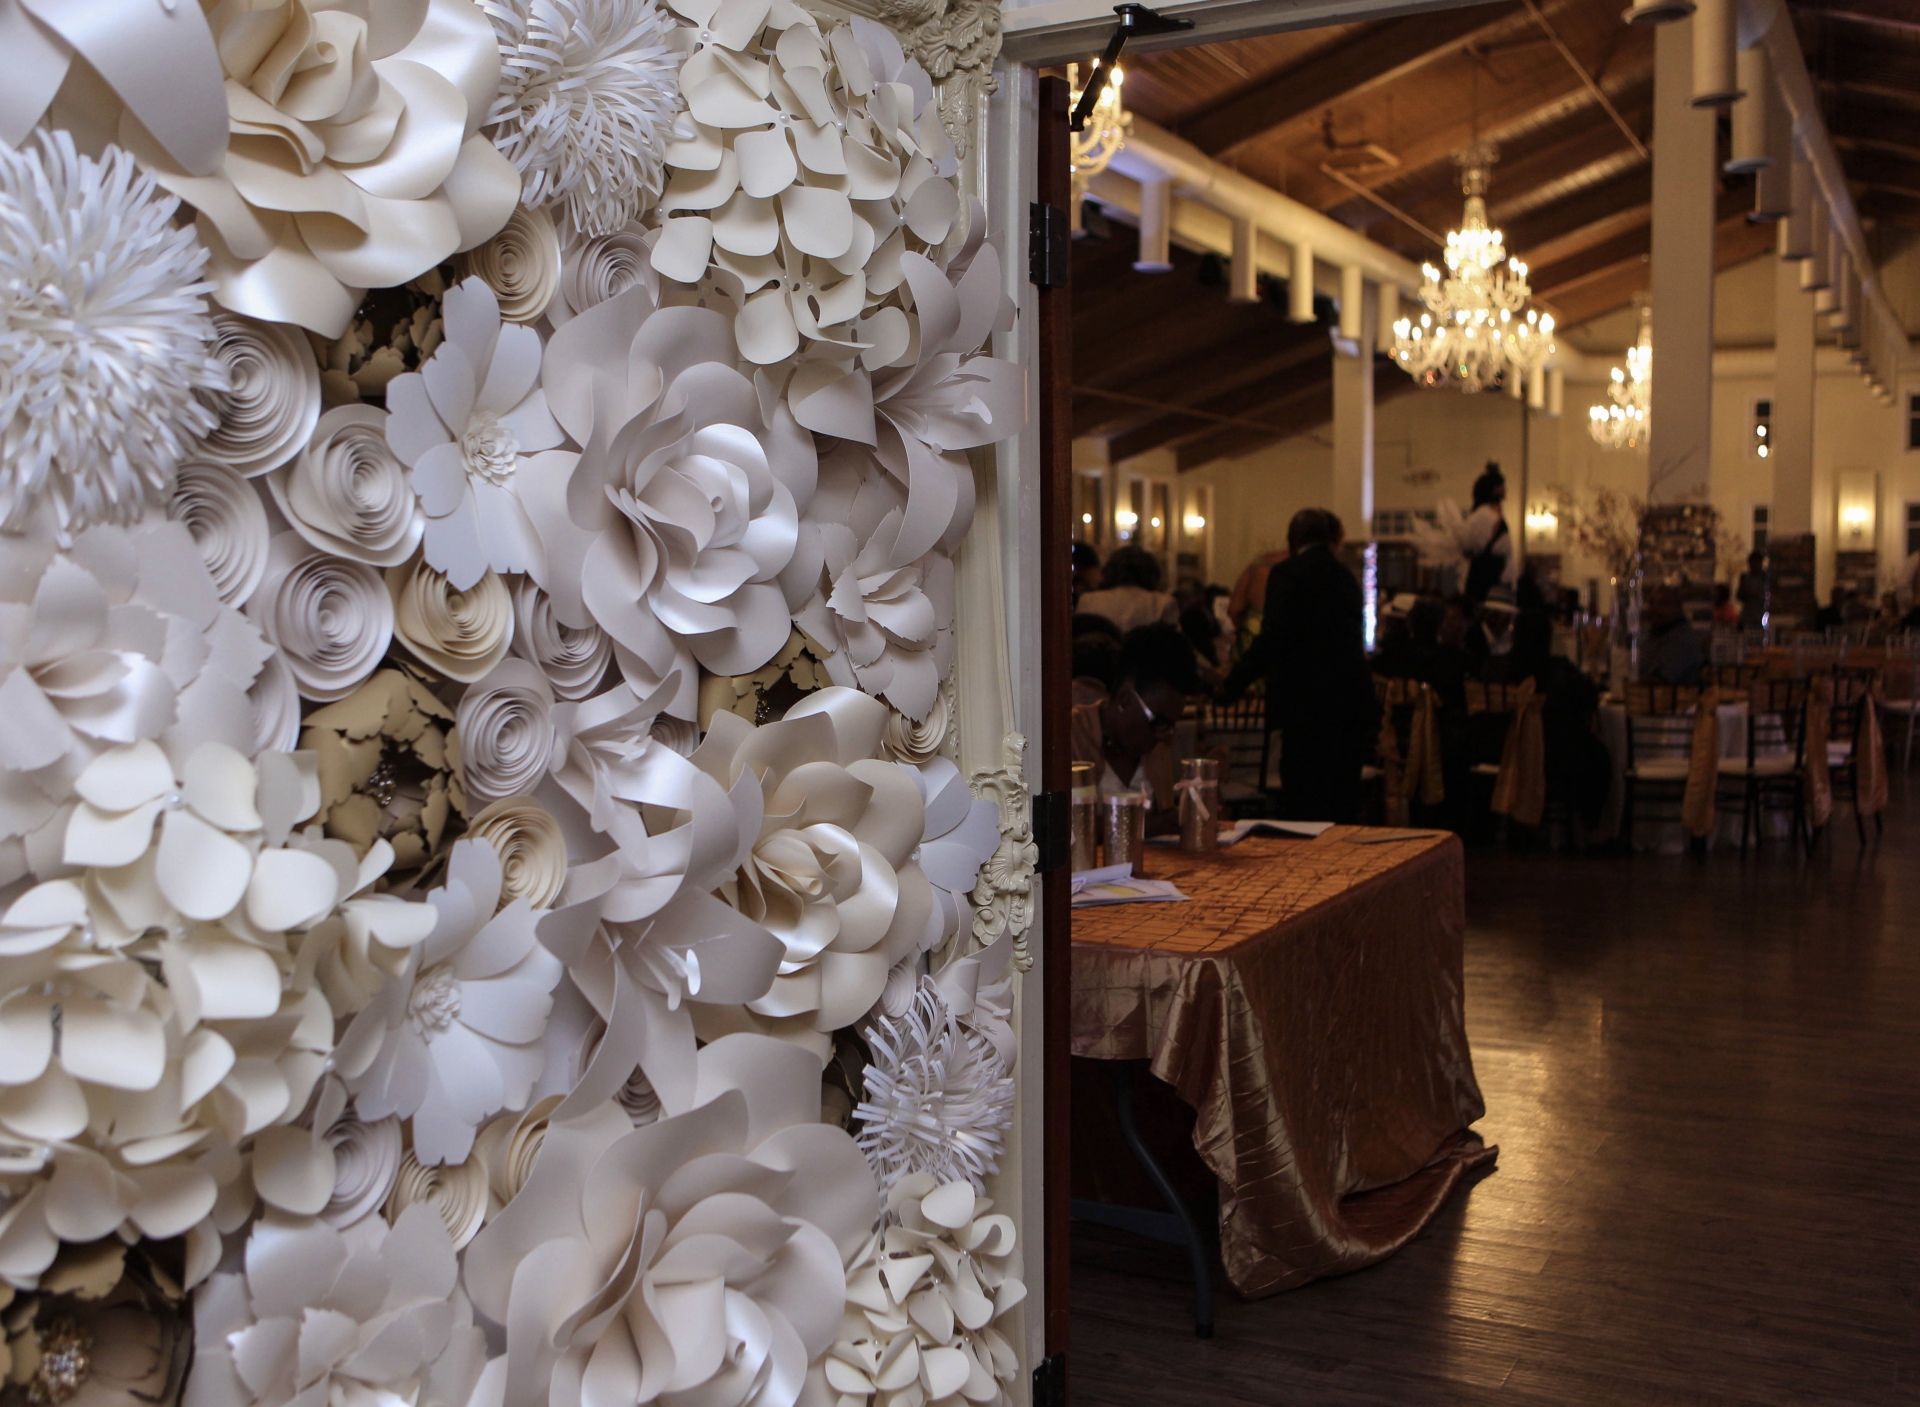 Paper Flower Wall Rental Paper Flower Wall Rentals And Paper Flower Arch Rental Fo Flower Wall Rental Flower Wall Wedding Flower Wall Wedding Ceremony Backdrop